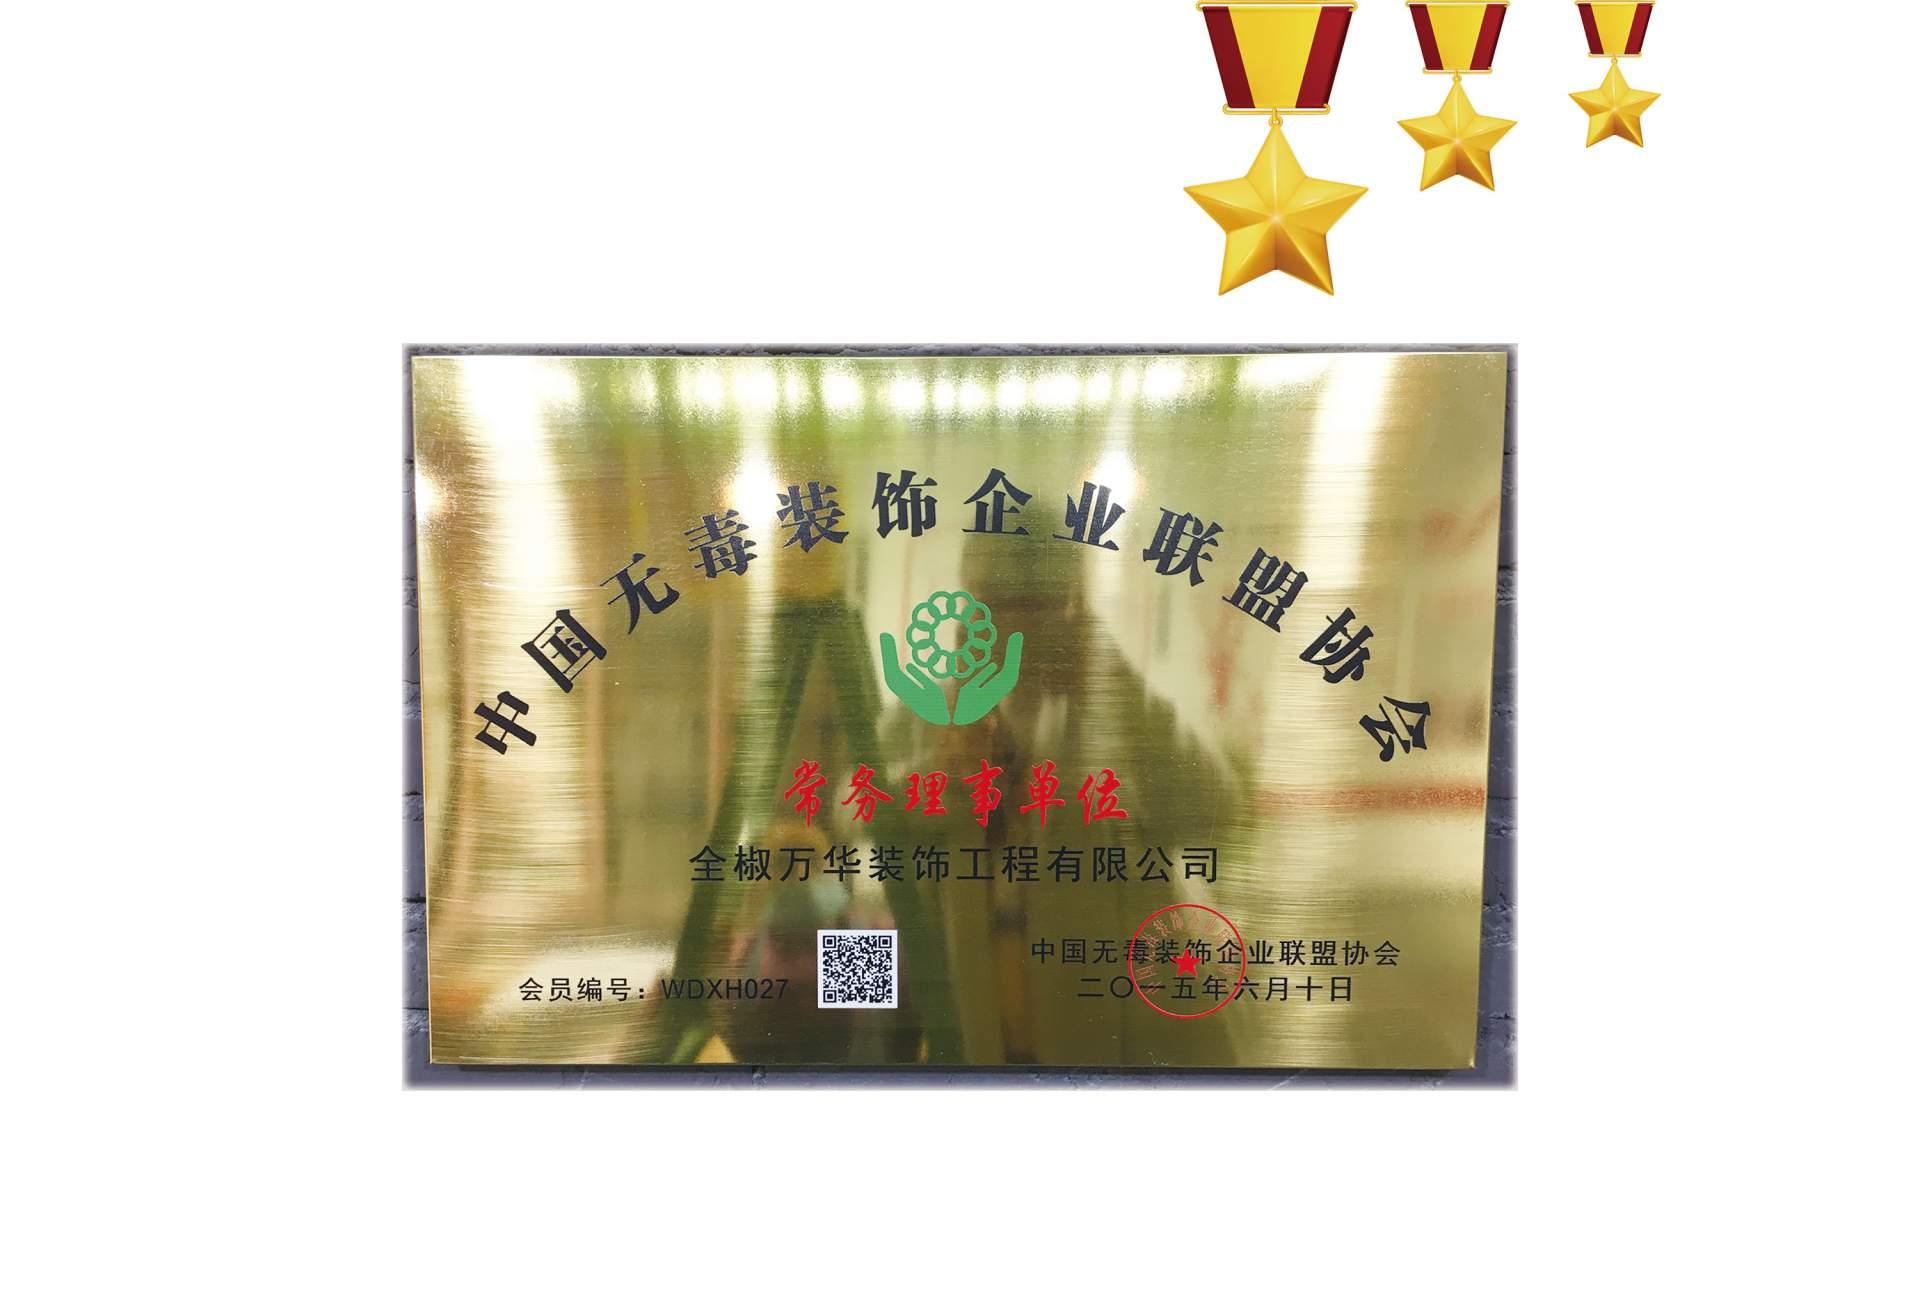 2015年6月10日公司荣获中国无毒装饰企业联盟协会